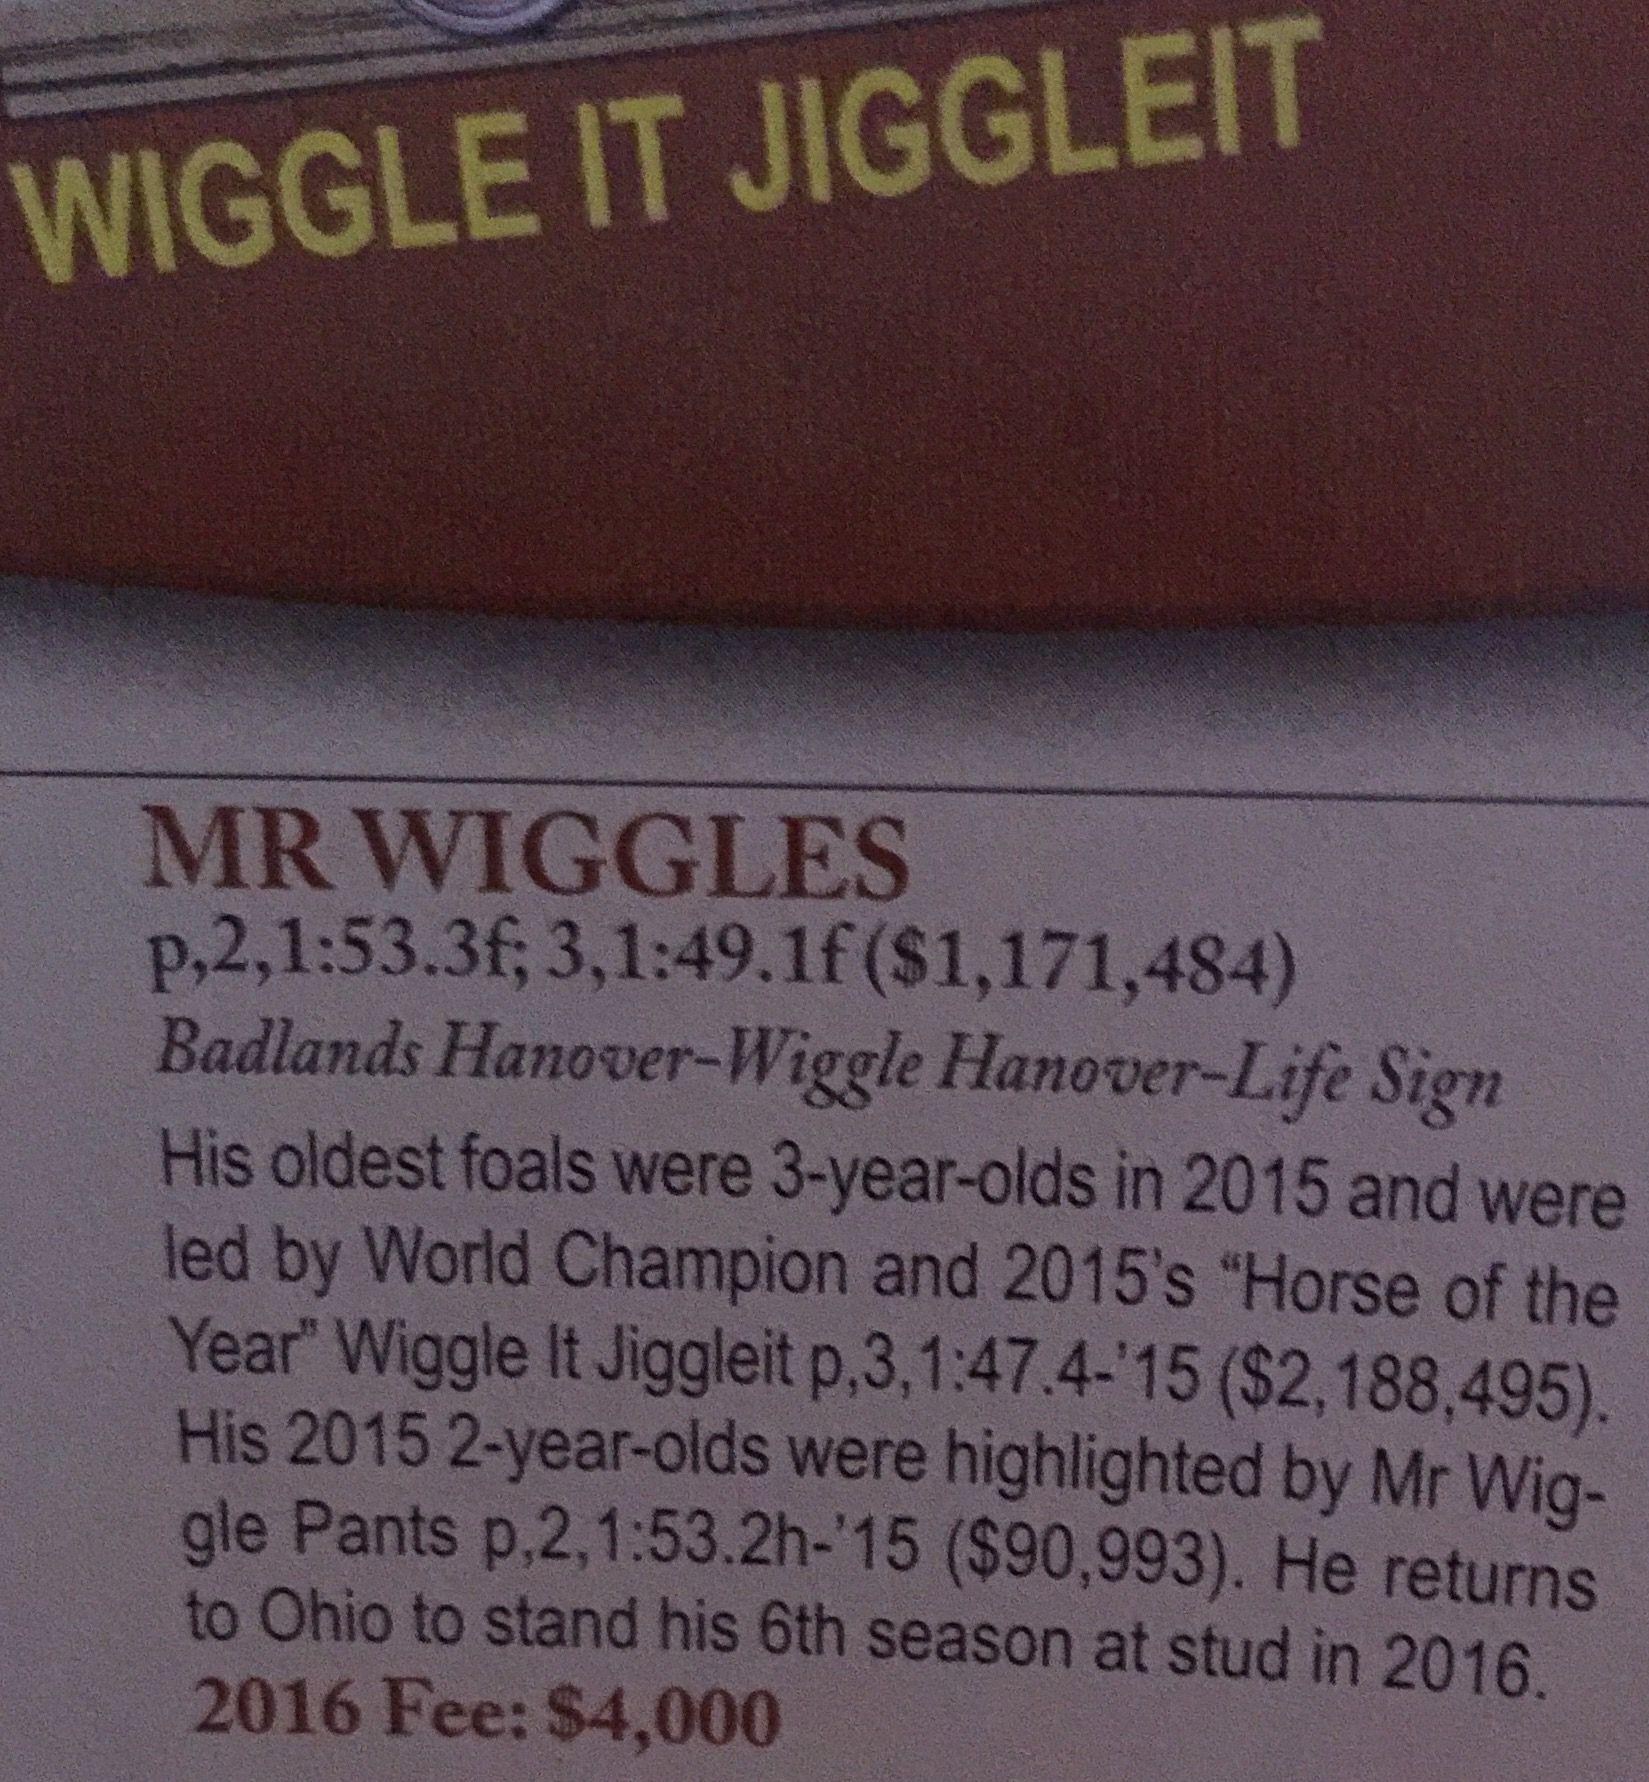 WiggleItJiggleIt